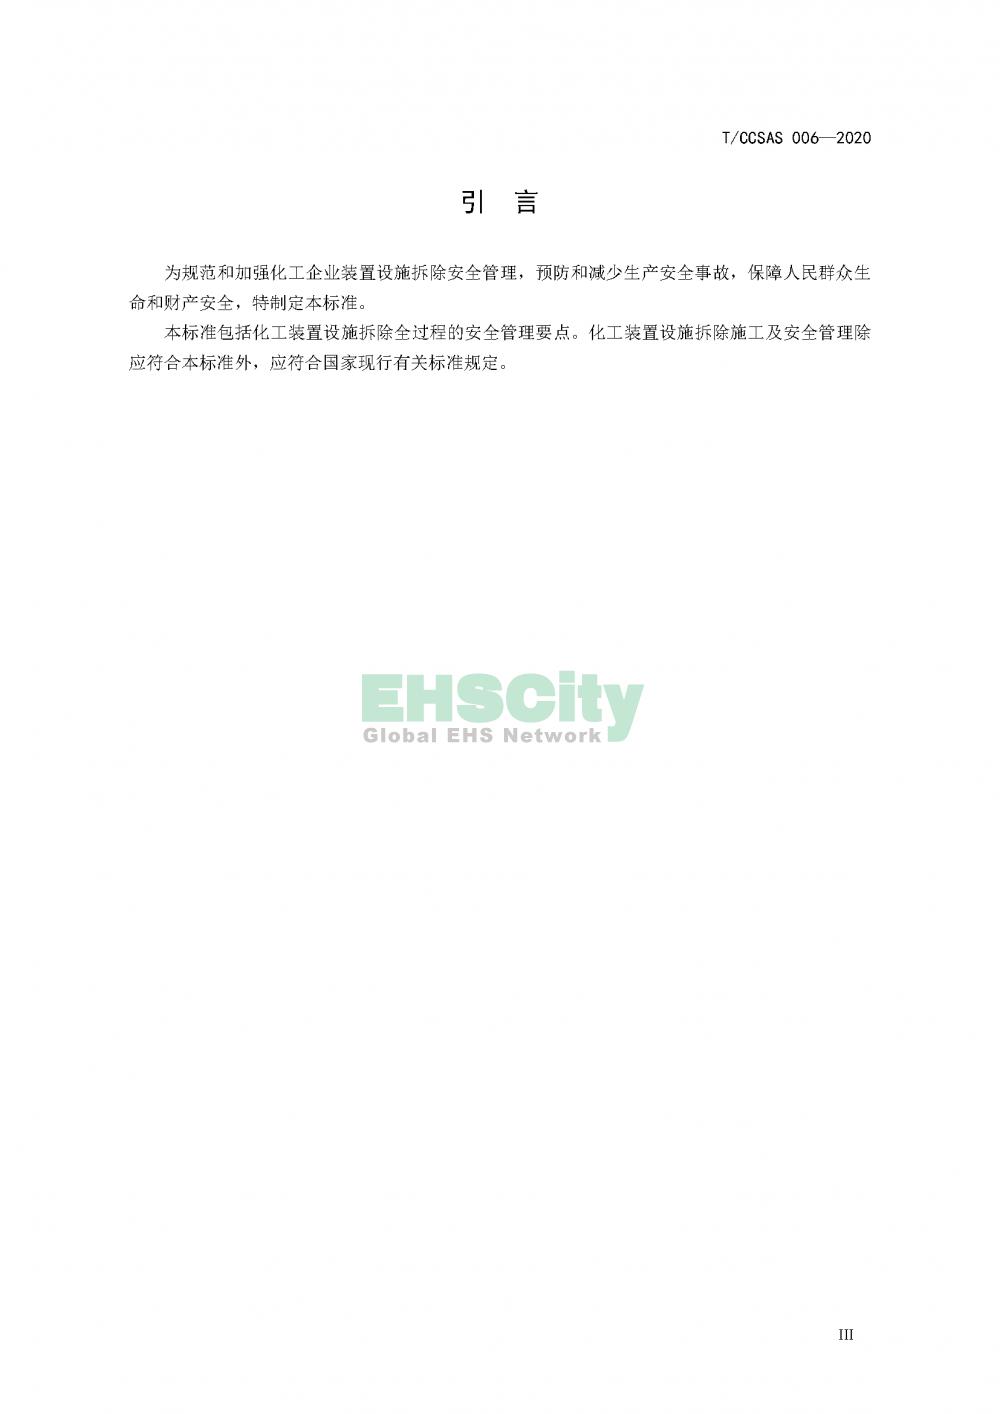 《化工企业装置设施拆除安全管理规范》_页面_05